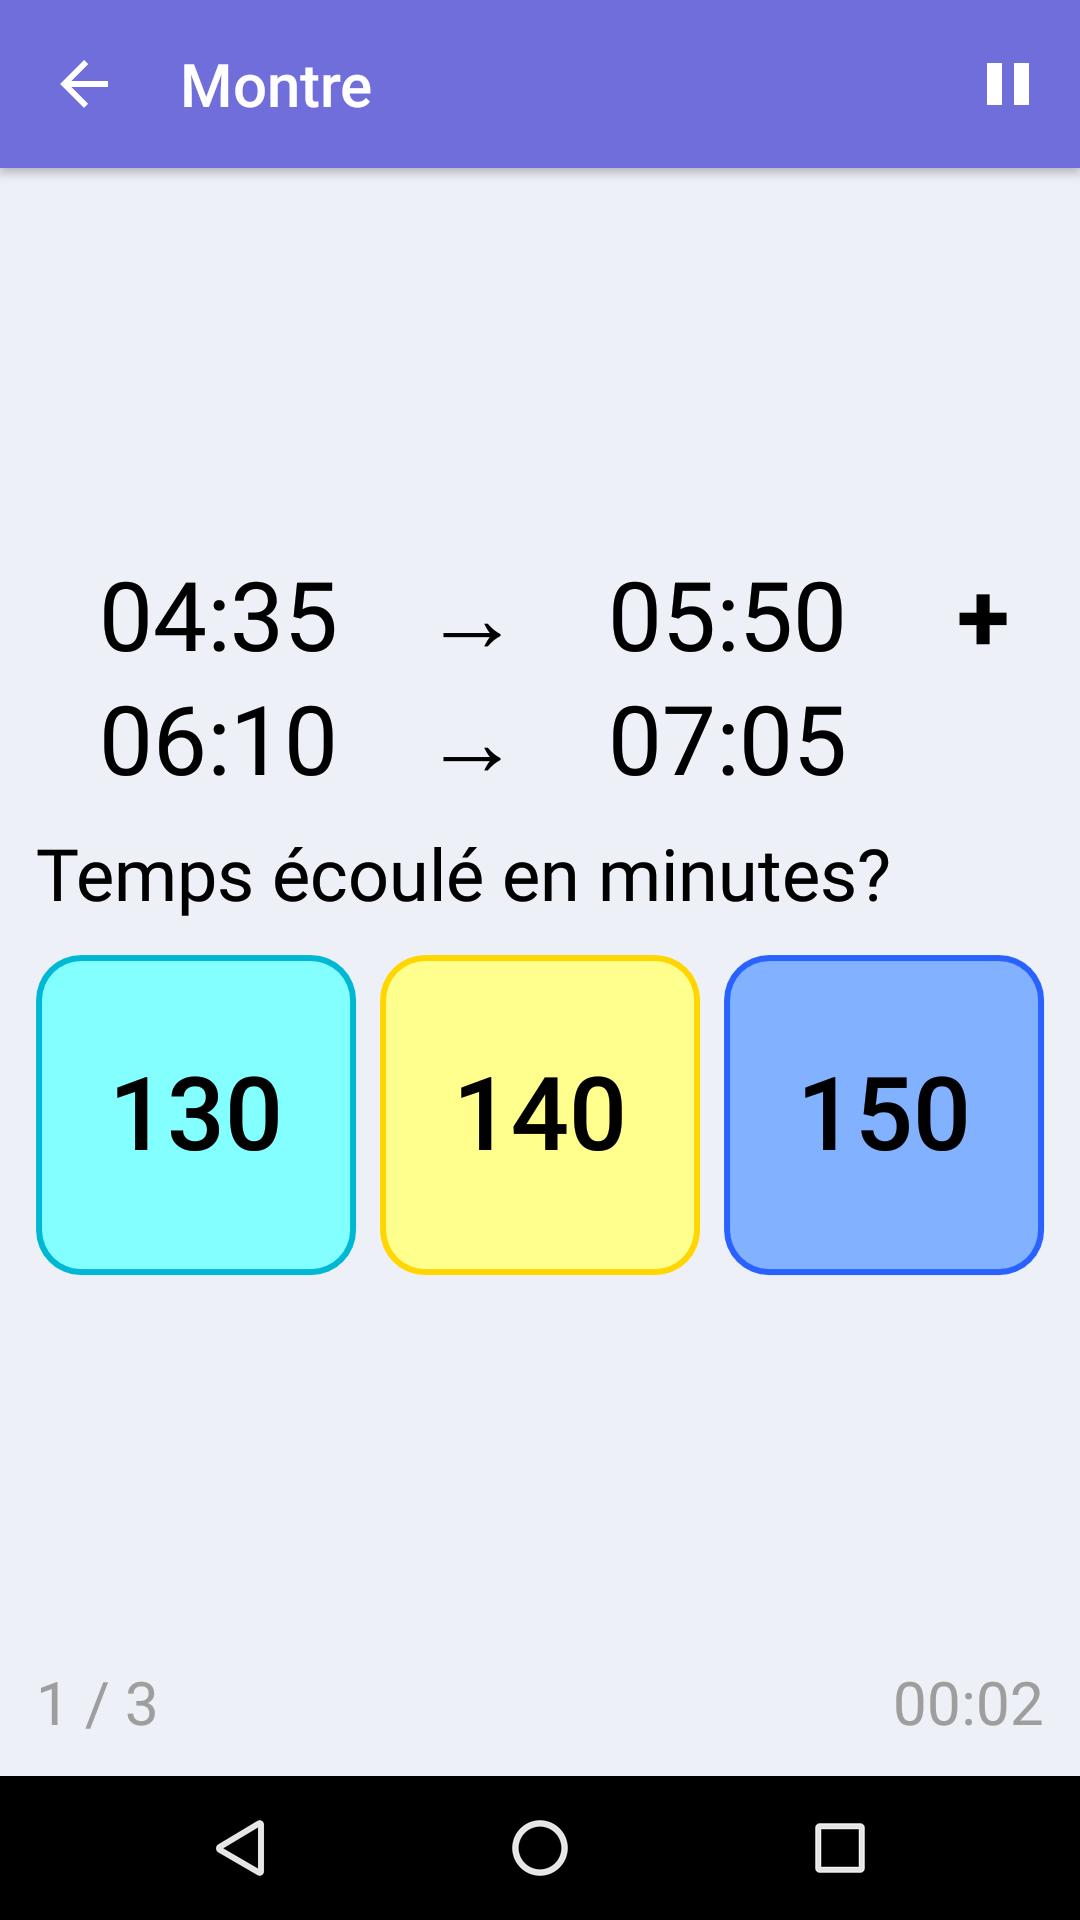 Montre : Jeu De Math Gratuit Pour Iphone & Android destiné Jeux De Maths Gratuit